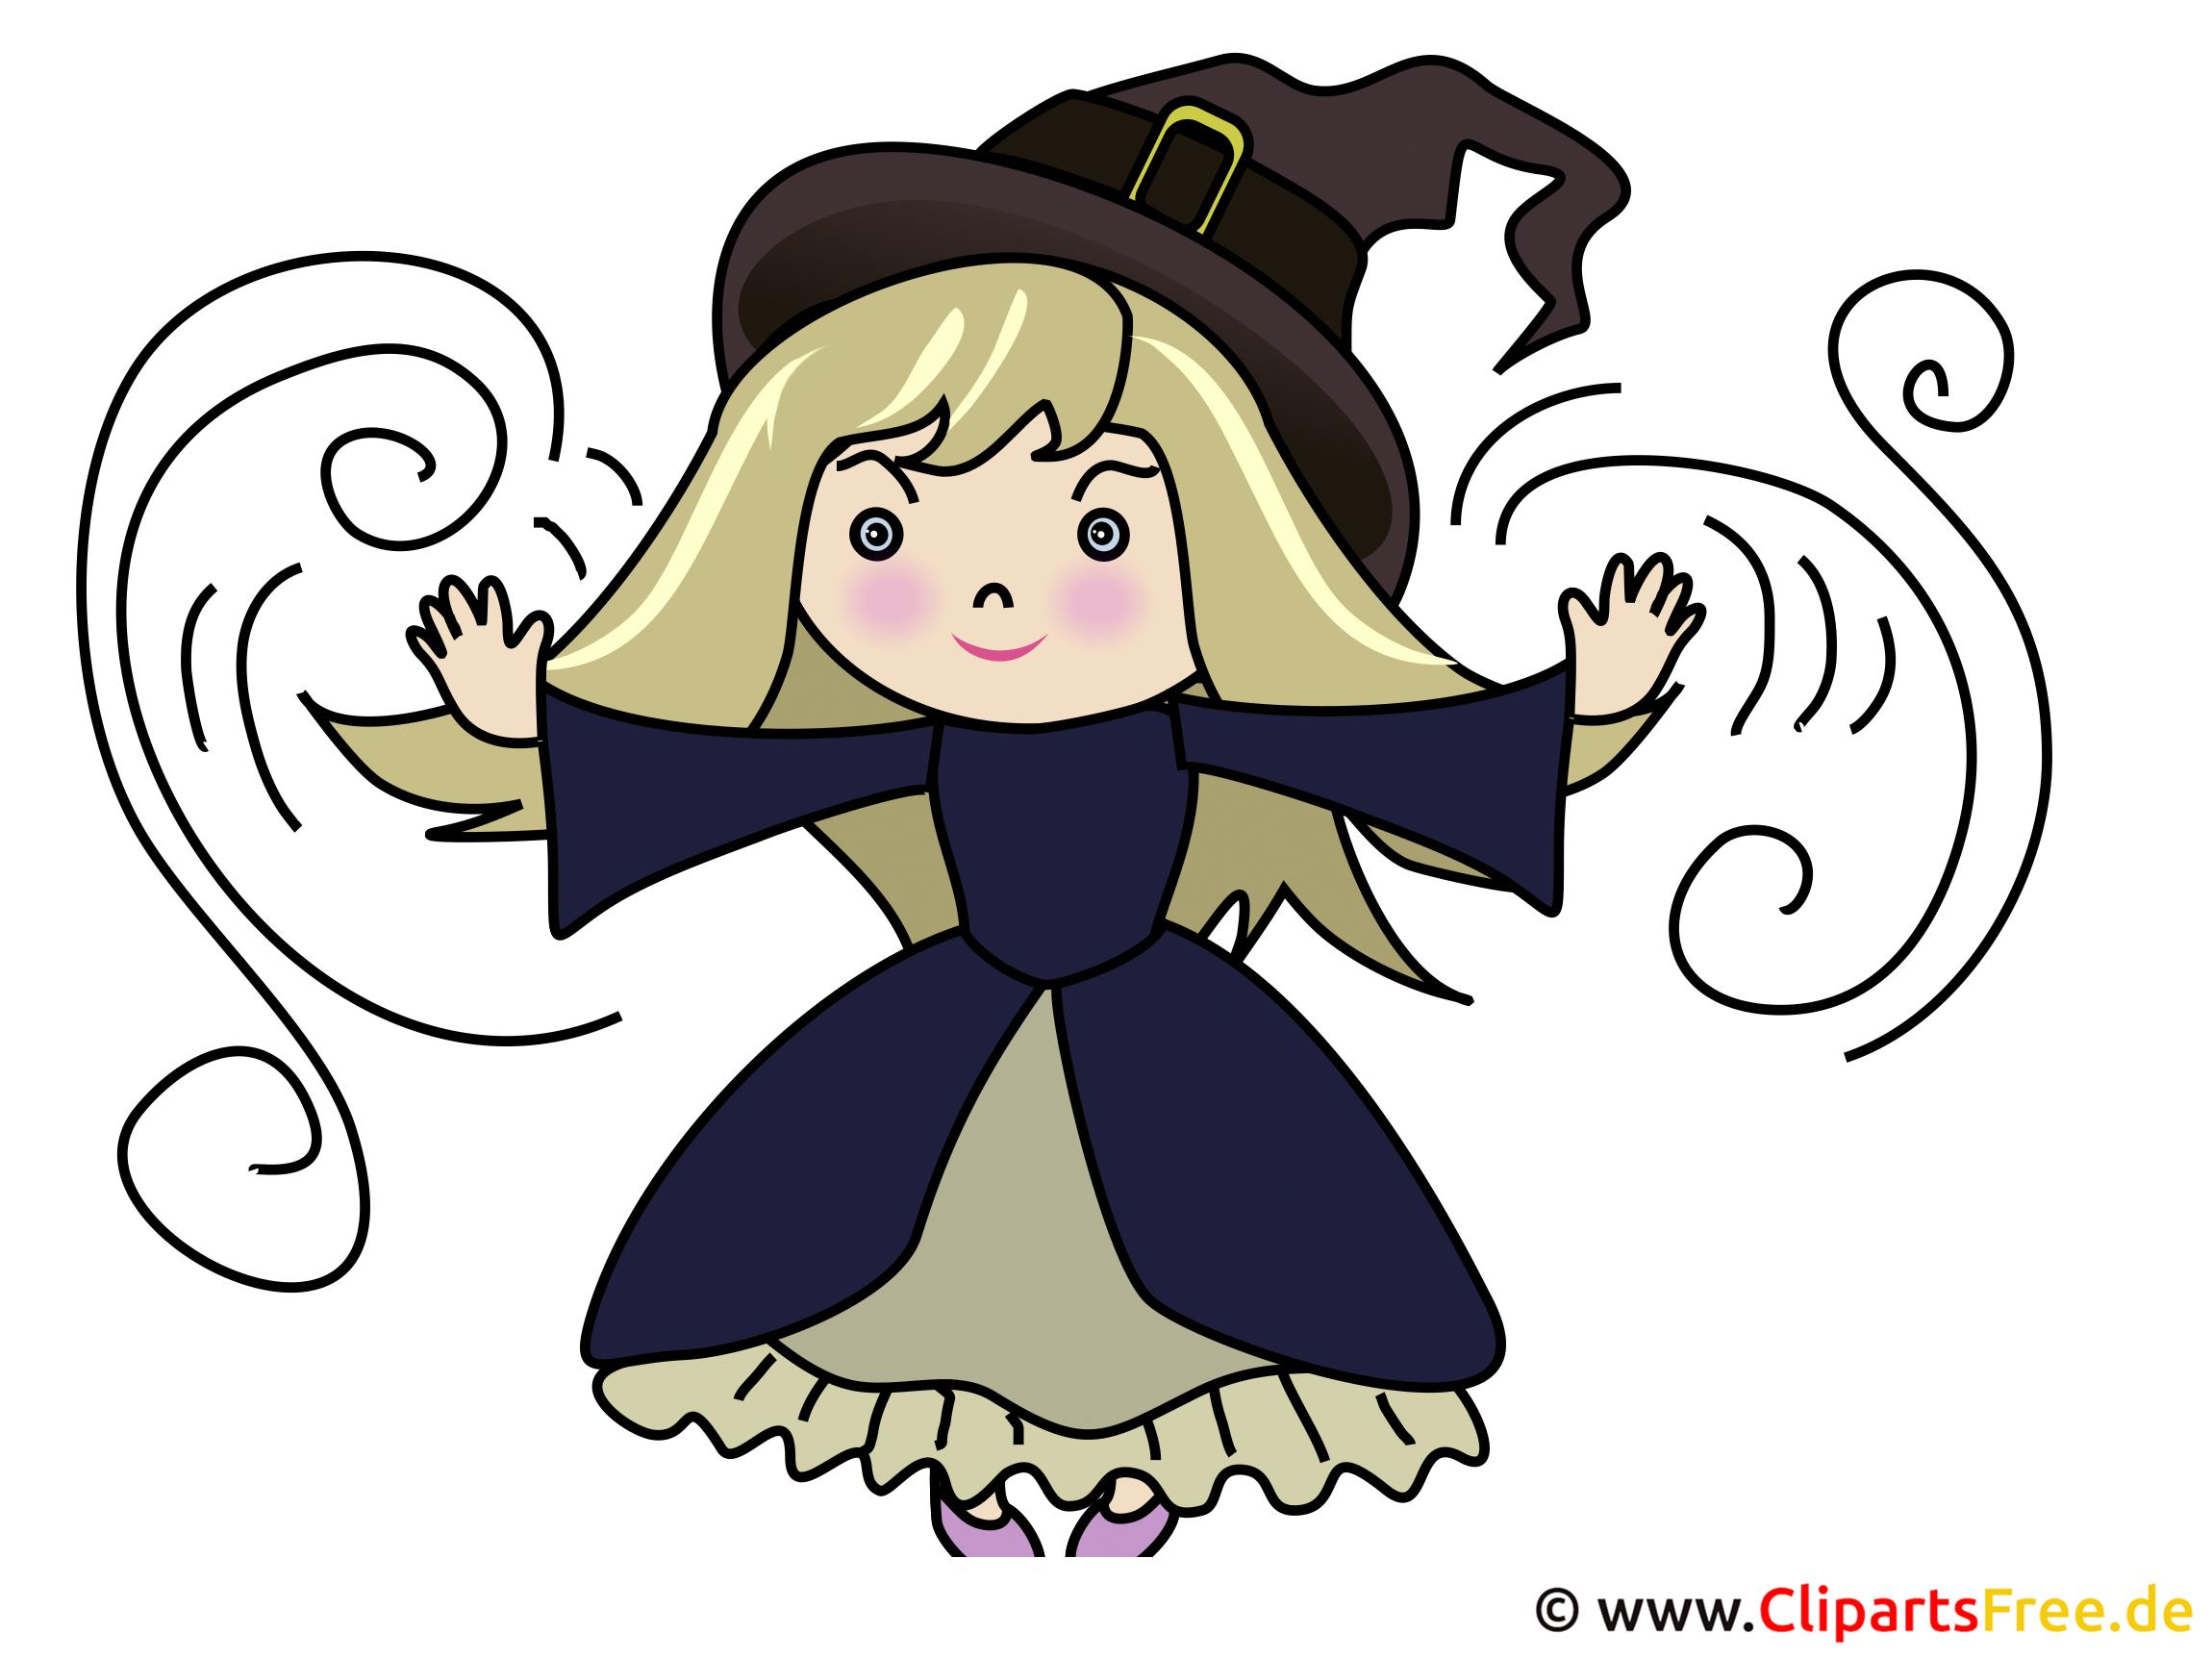 Cartoon Kleine Hexe - Illustration zu Halloween